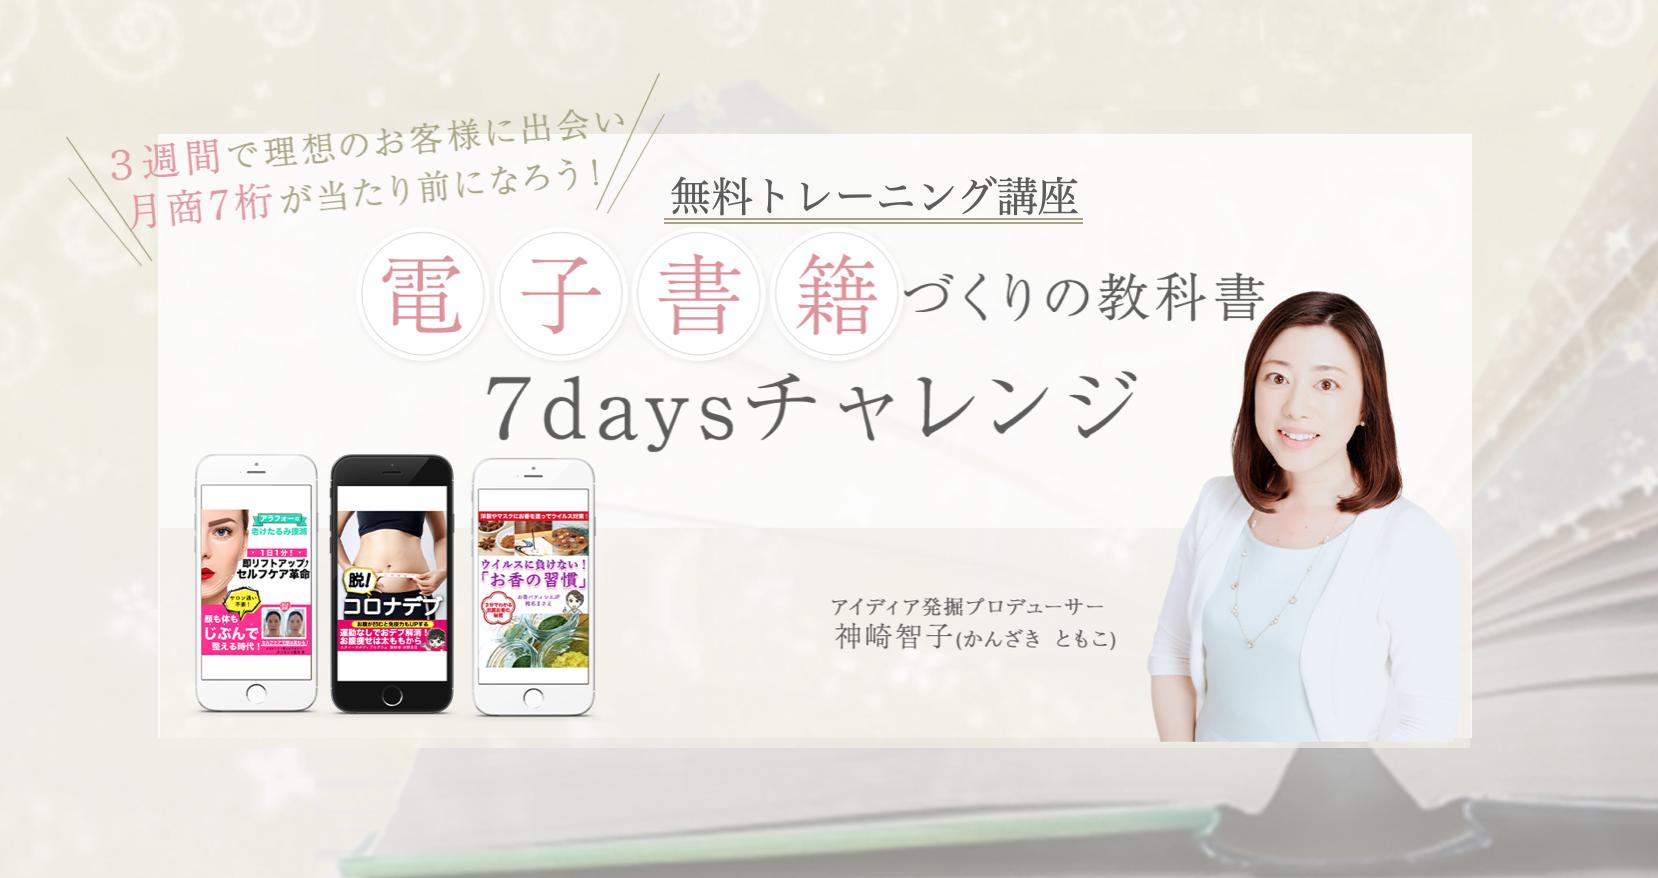 電子書籍 電子書籍づくりの教科書 オンラインチャレンジ 7dayチャレンジ 集客 月商7桁